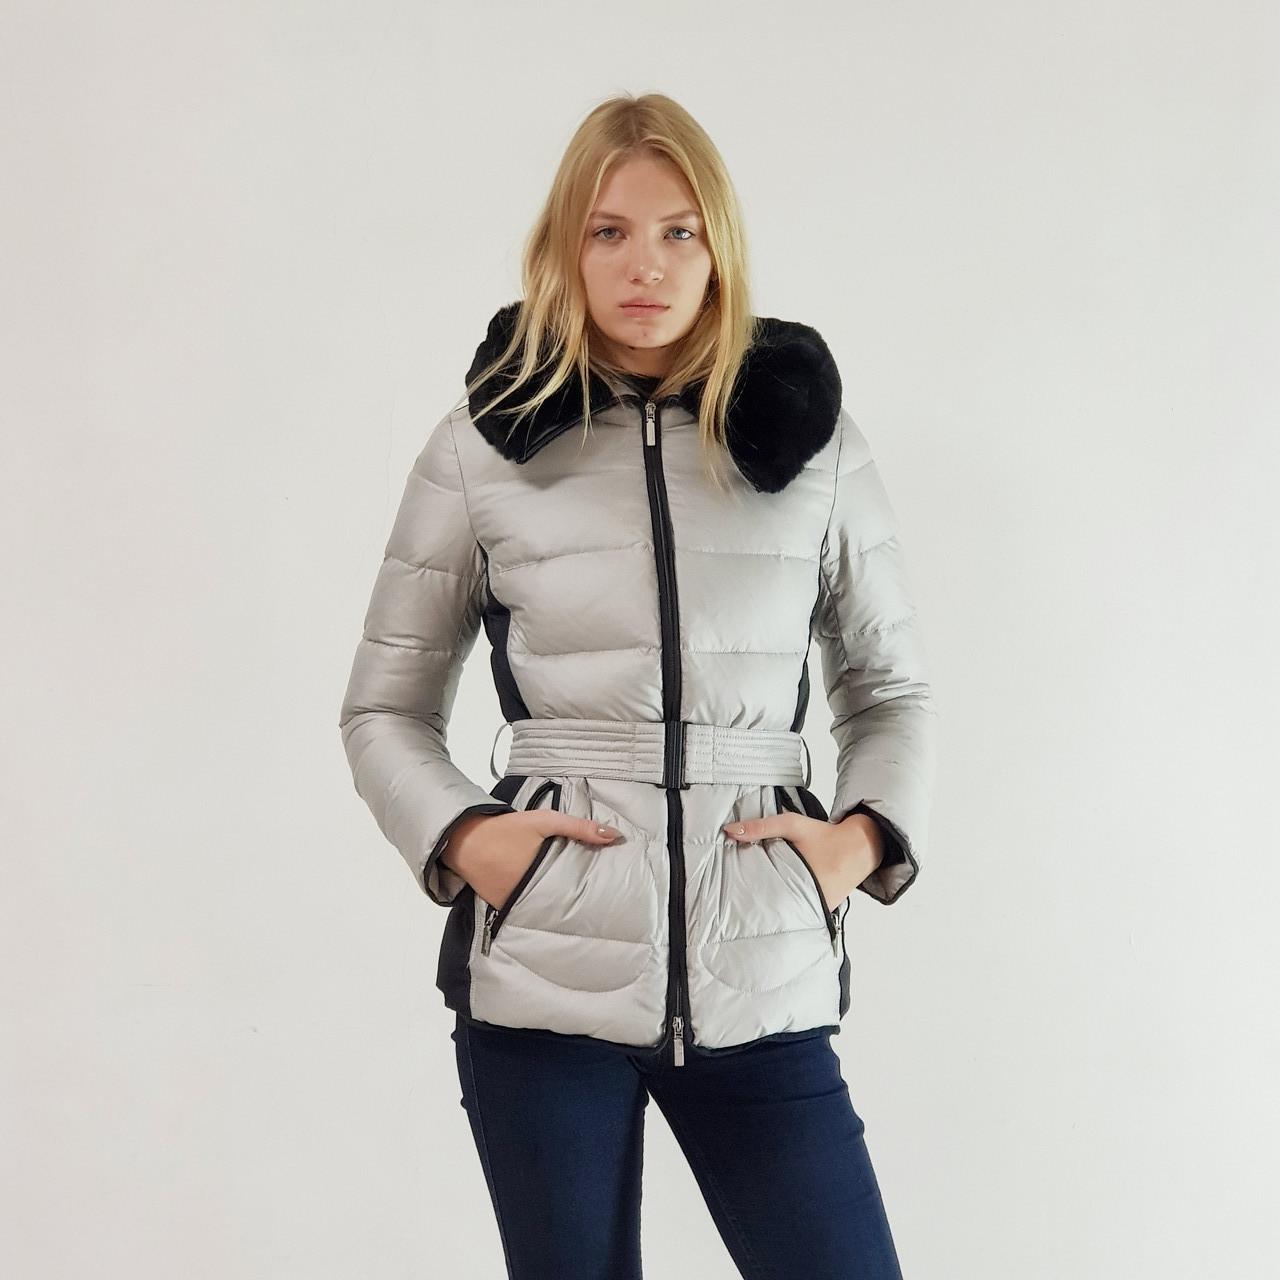 Пуховик куртка зимний короткий женский Snowimage с капюшоном и натуральным мехом серый